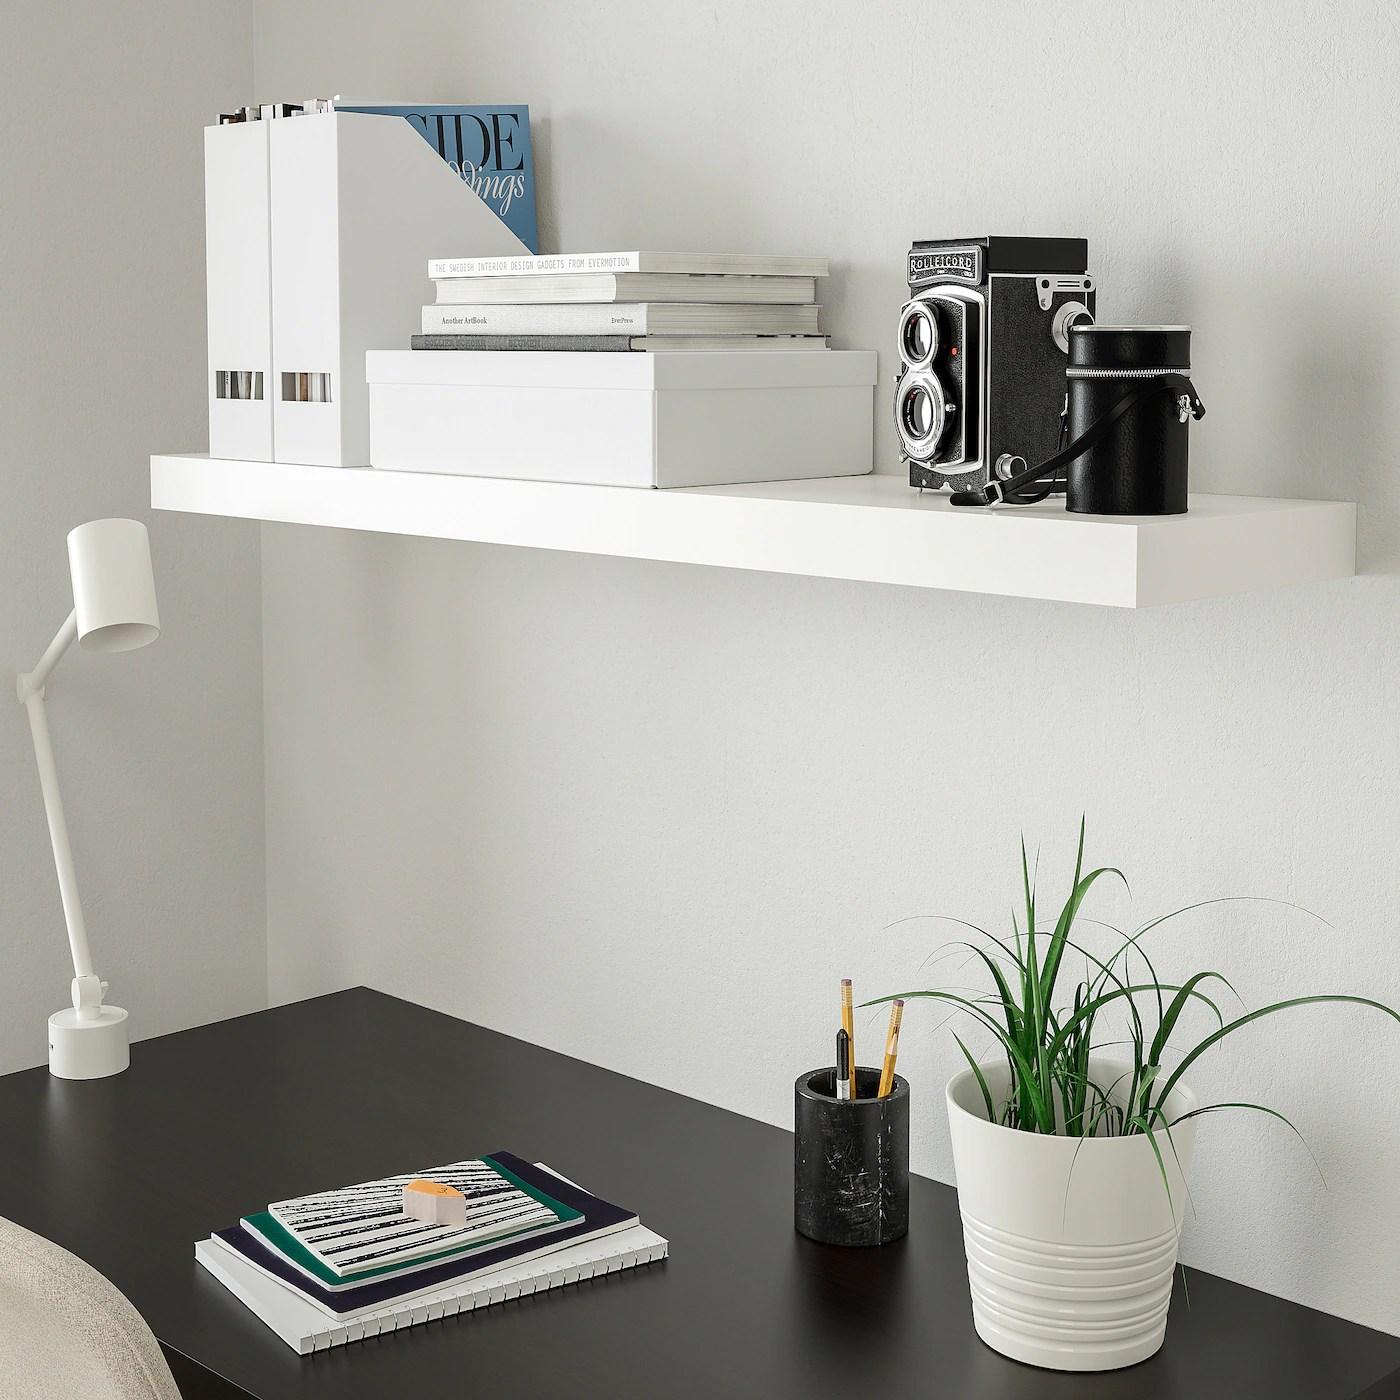 Scopri le nostre praticissime mensole e ordina subito i tuoi prodotti. Lack Mensola Bianco 110x26 Cm Ikea It